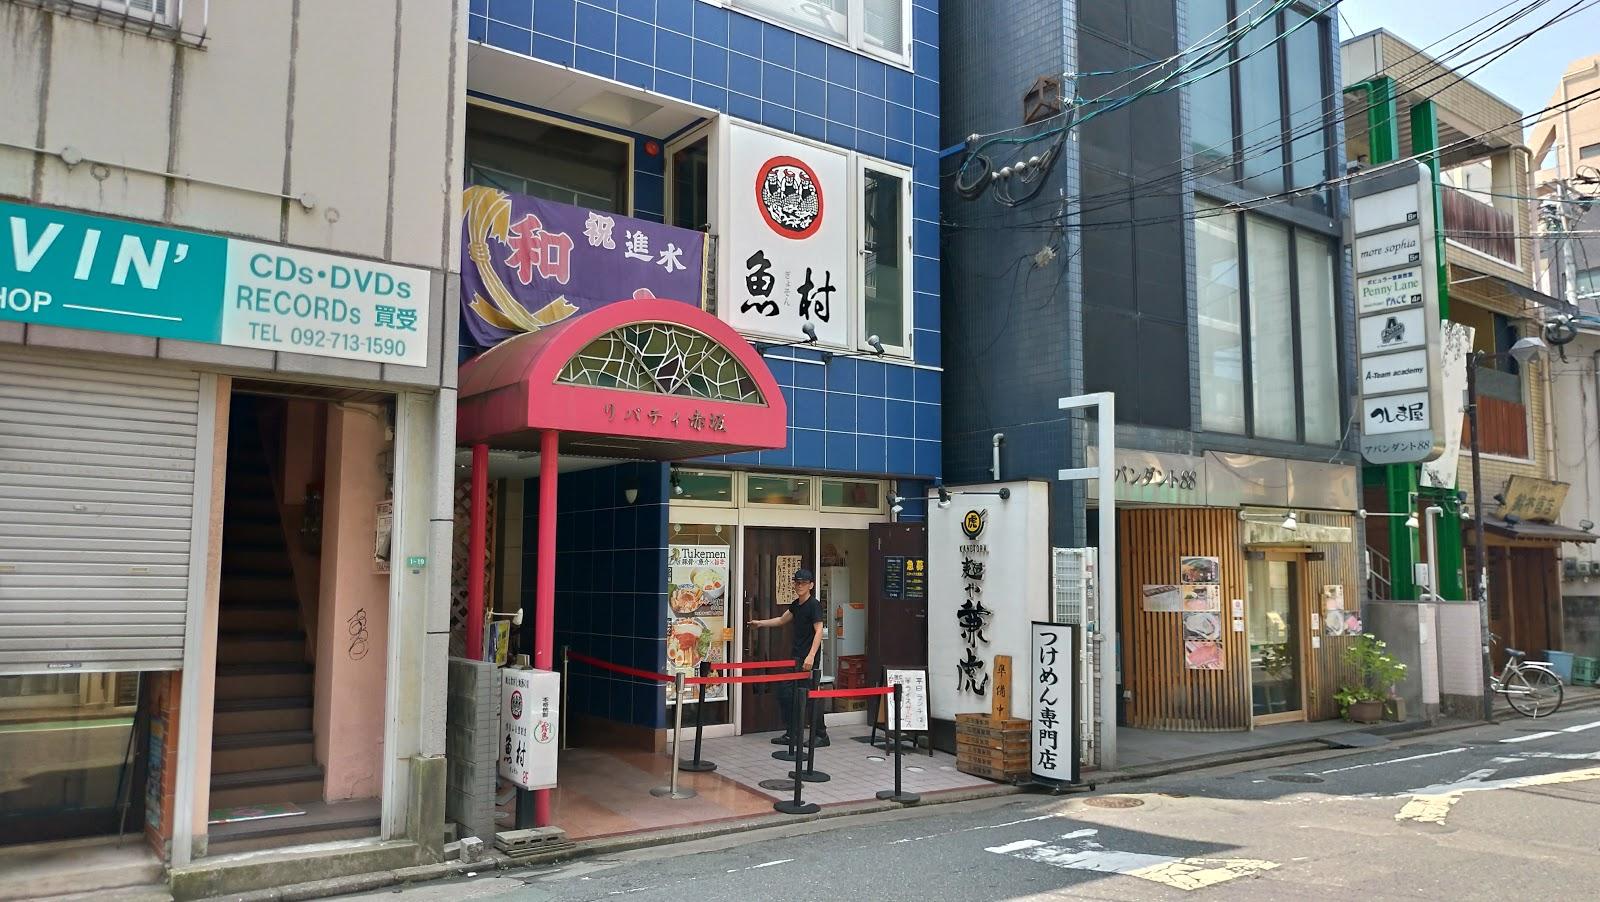 麺や兼虎 外観 つけ麺福岡市中央区赤坂